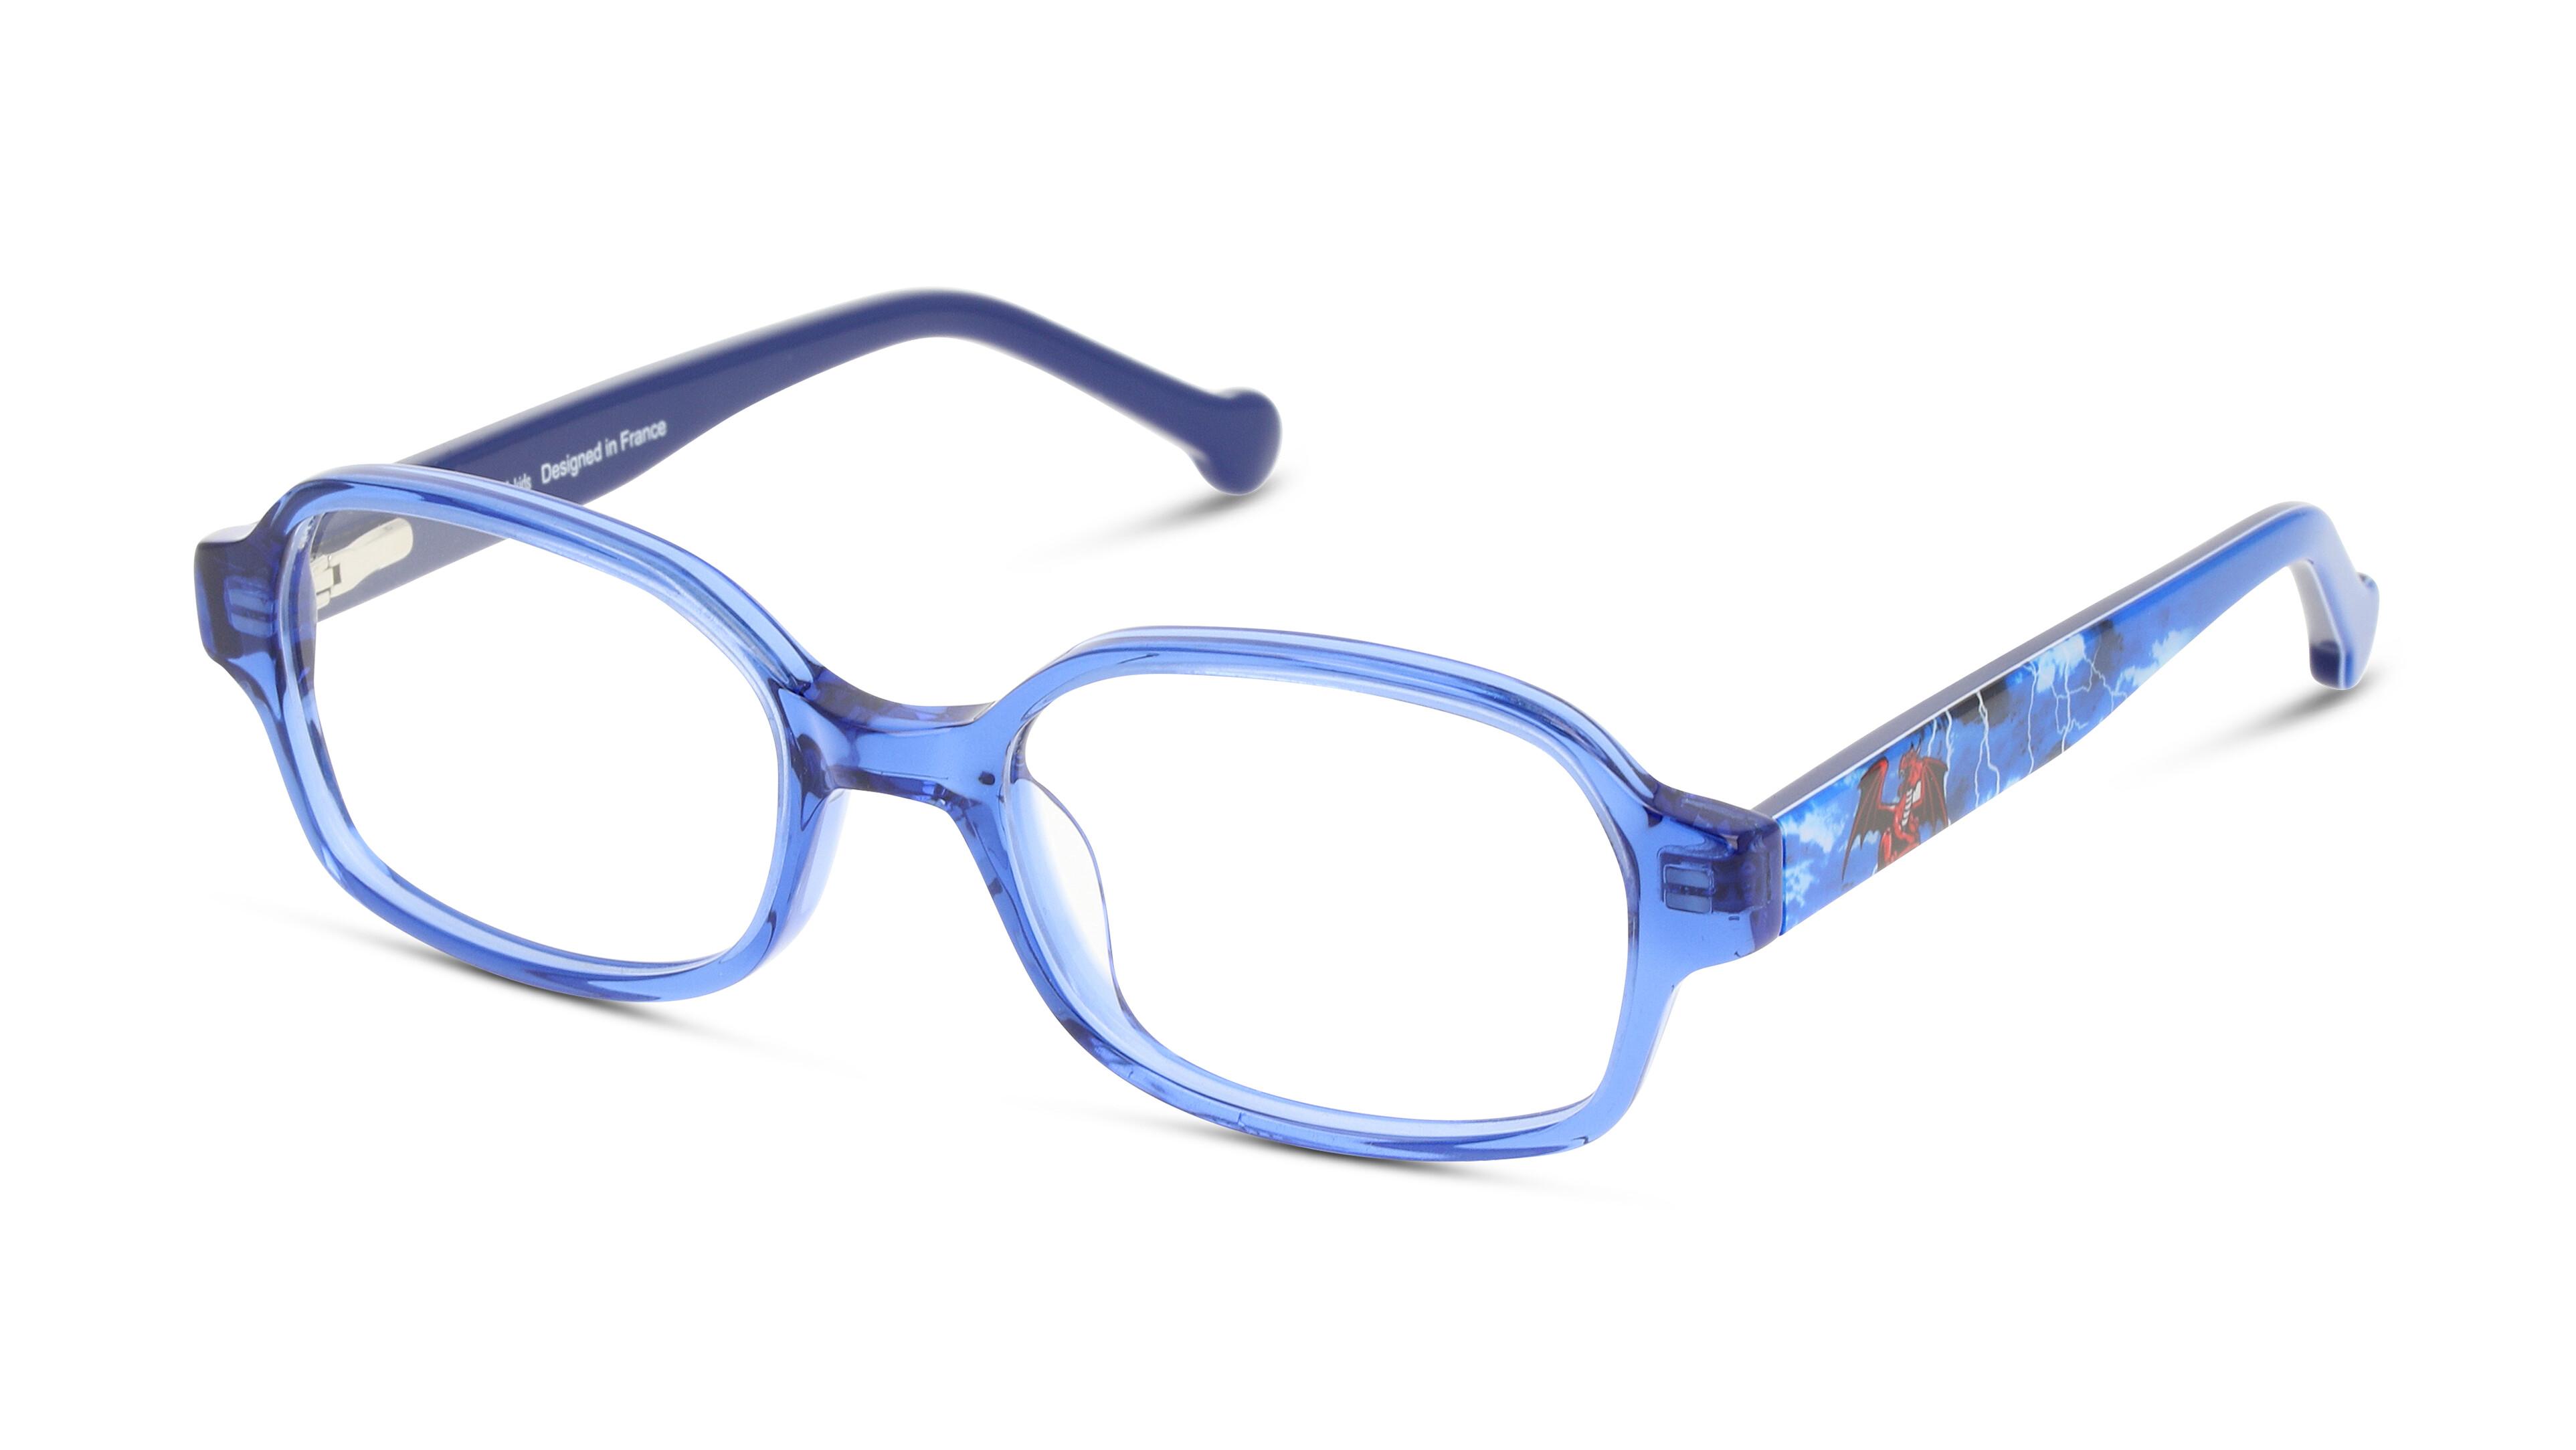 8719154762000-angle-brillenfassung-unofficial-unok0003-navy-blue-navy-blue